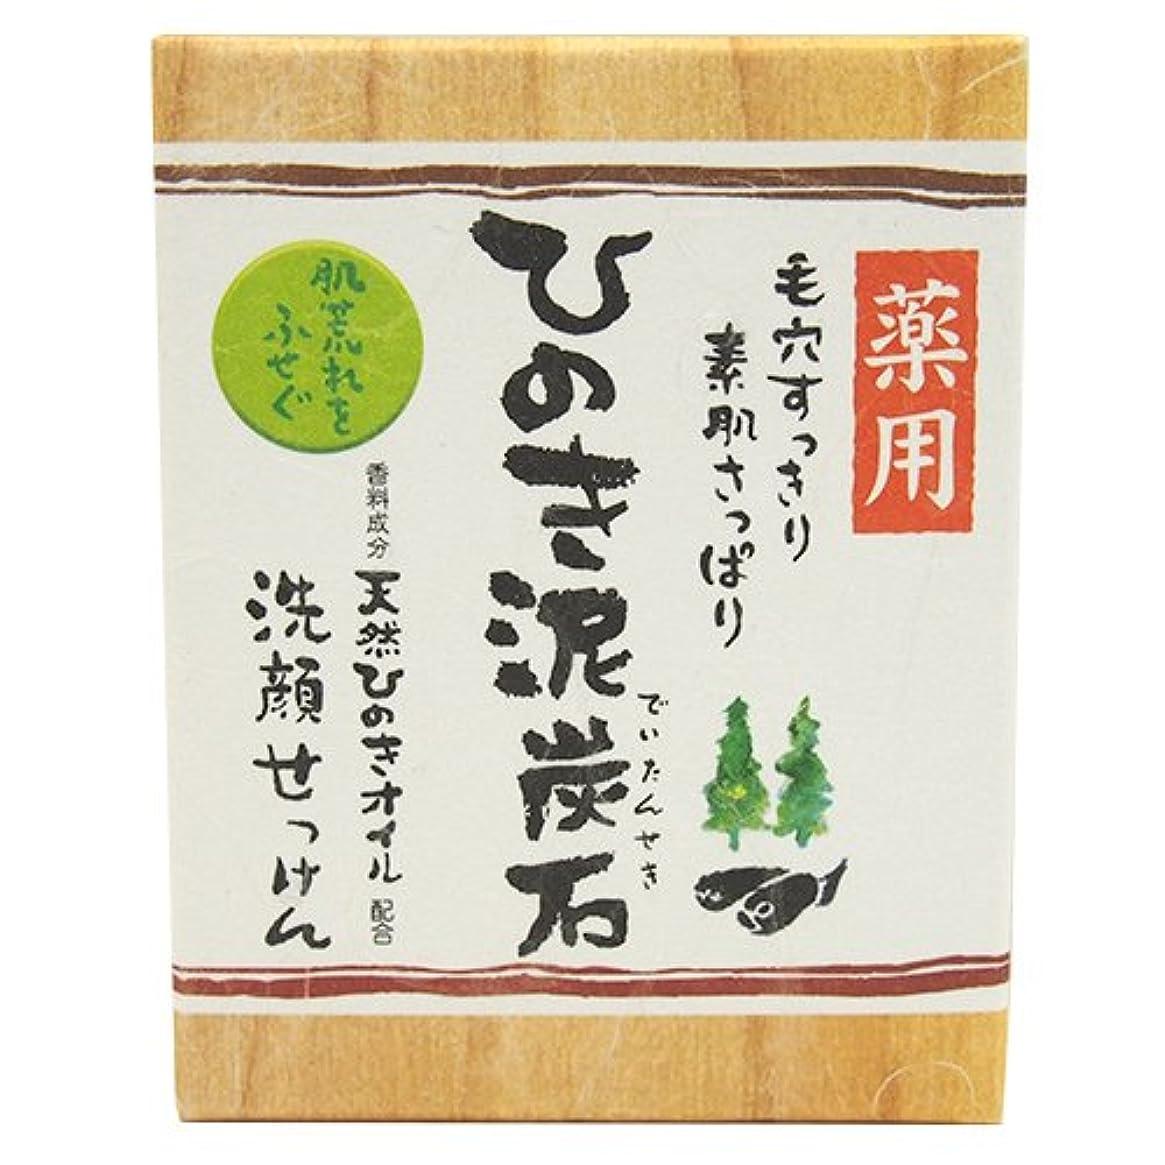 掻く吹きさらし偏心東京宝 薬用ひのき泥炭石 すっきり黒タイプ 洗顔石鹸 75g